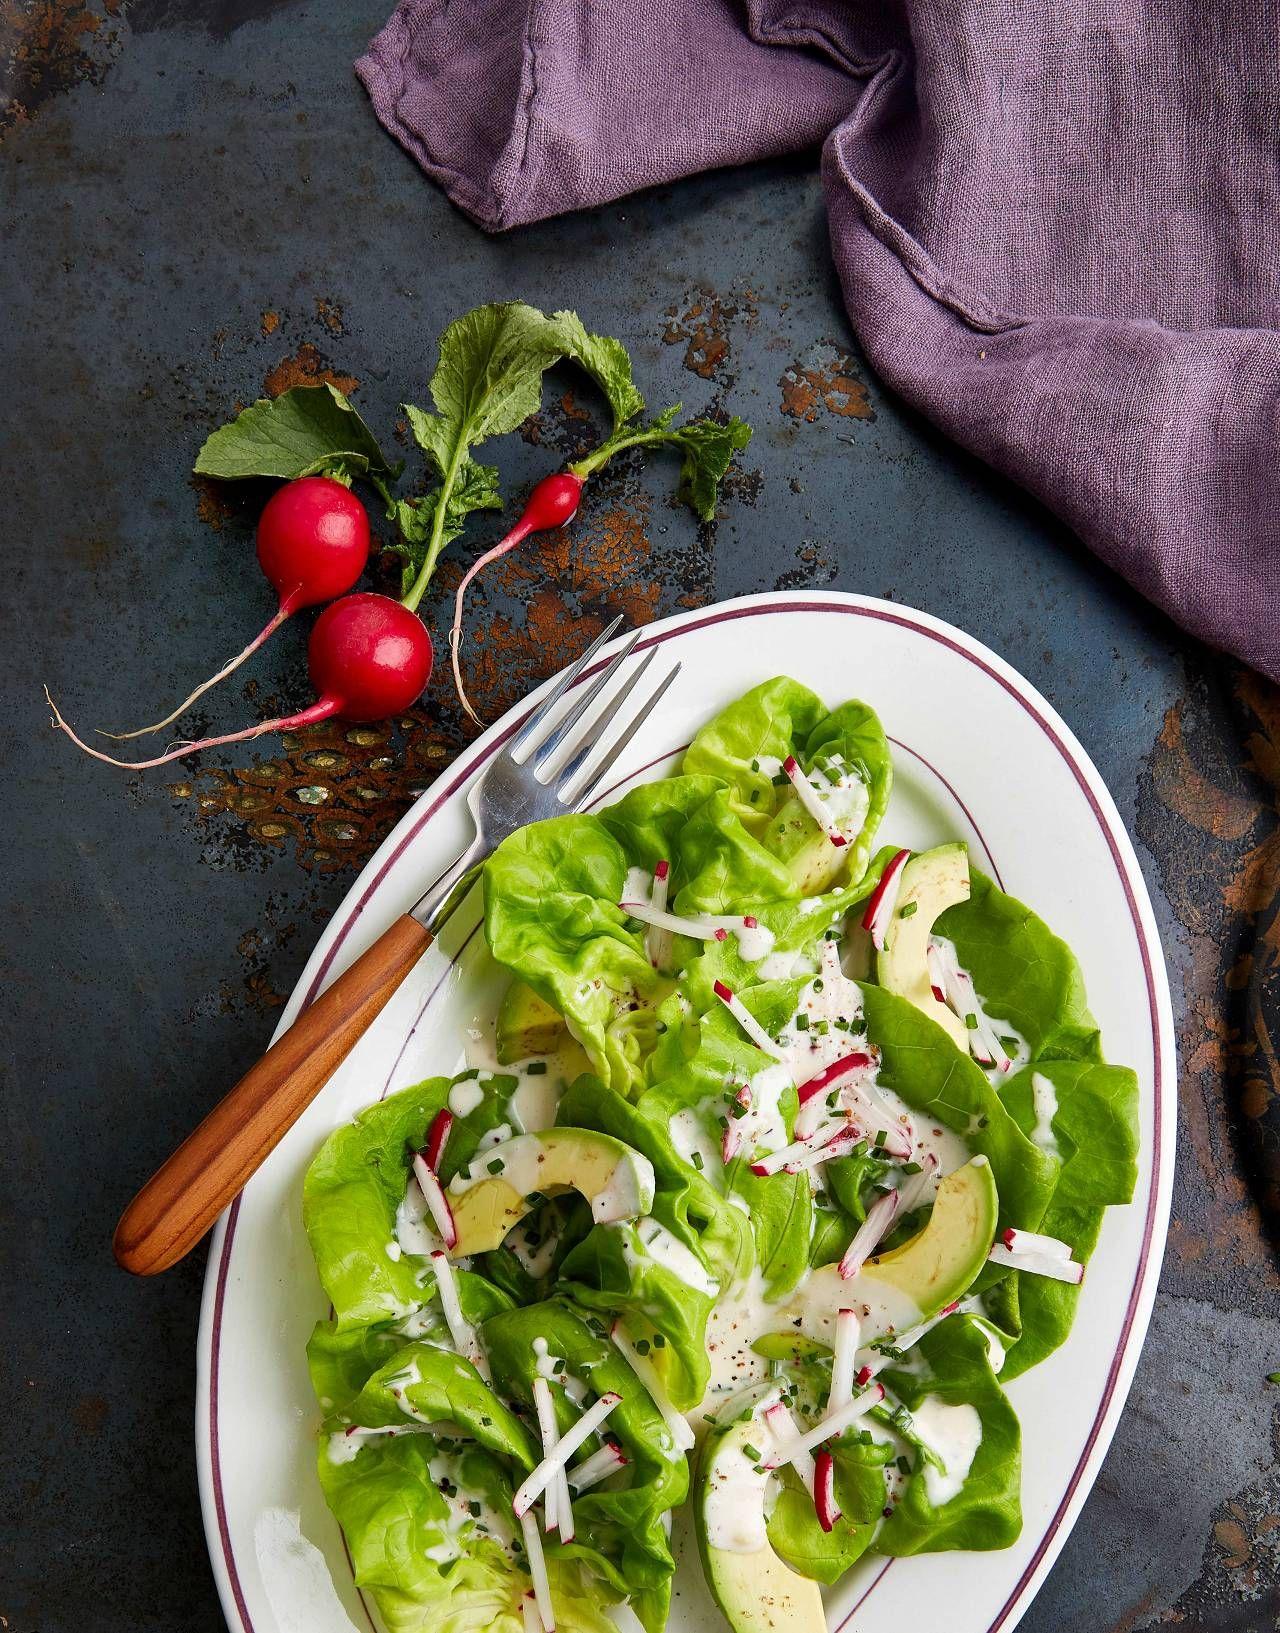 Bibb Lettuce Salad With Vegan Buttermilk Dressing The Blender Girl Bibb Lettuce Salad Recipe Lettuce Recipes Lettuce Salad Recipes